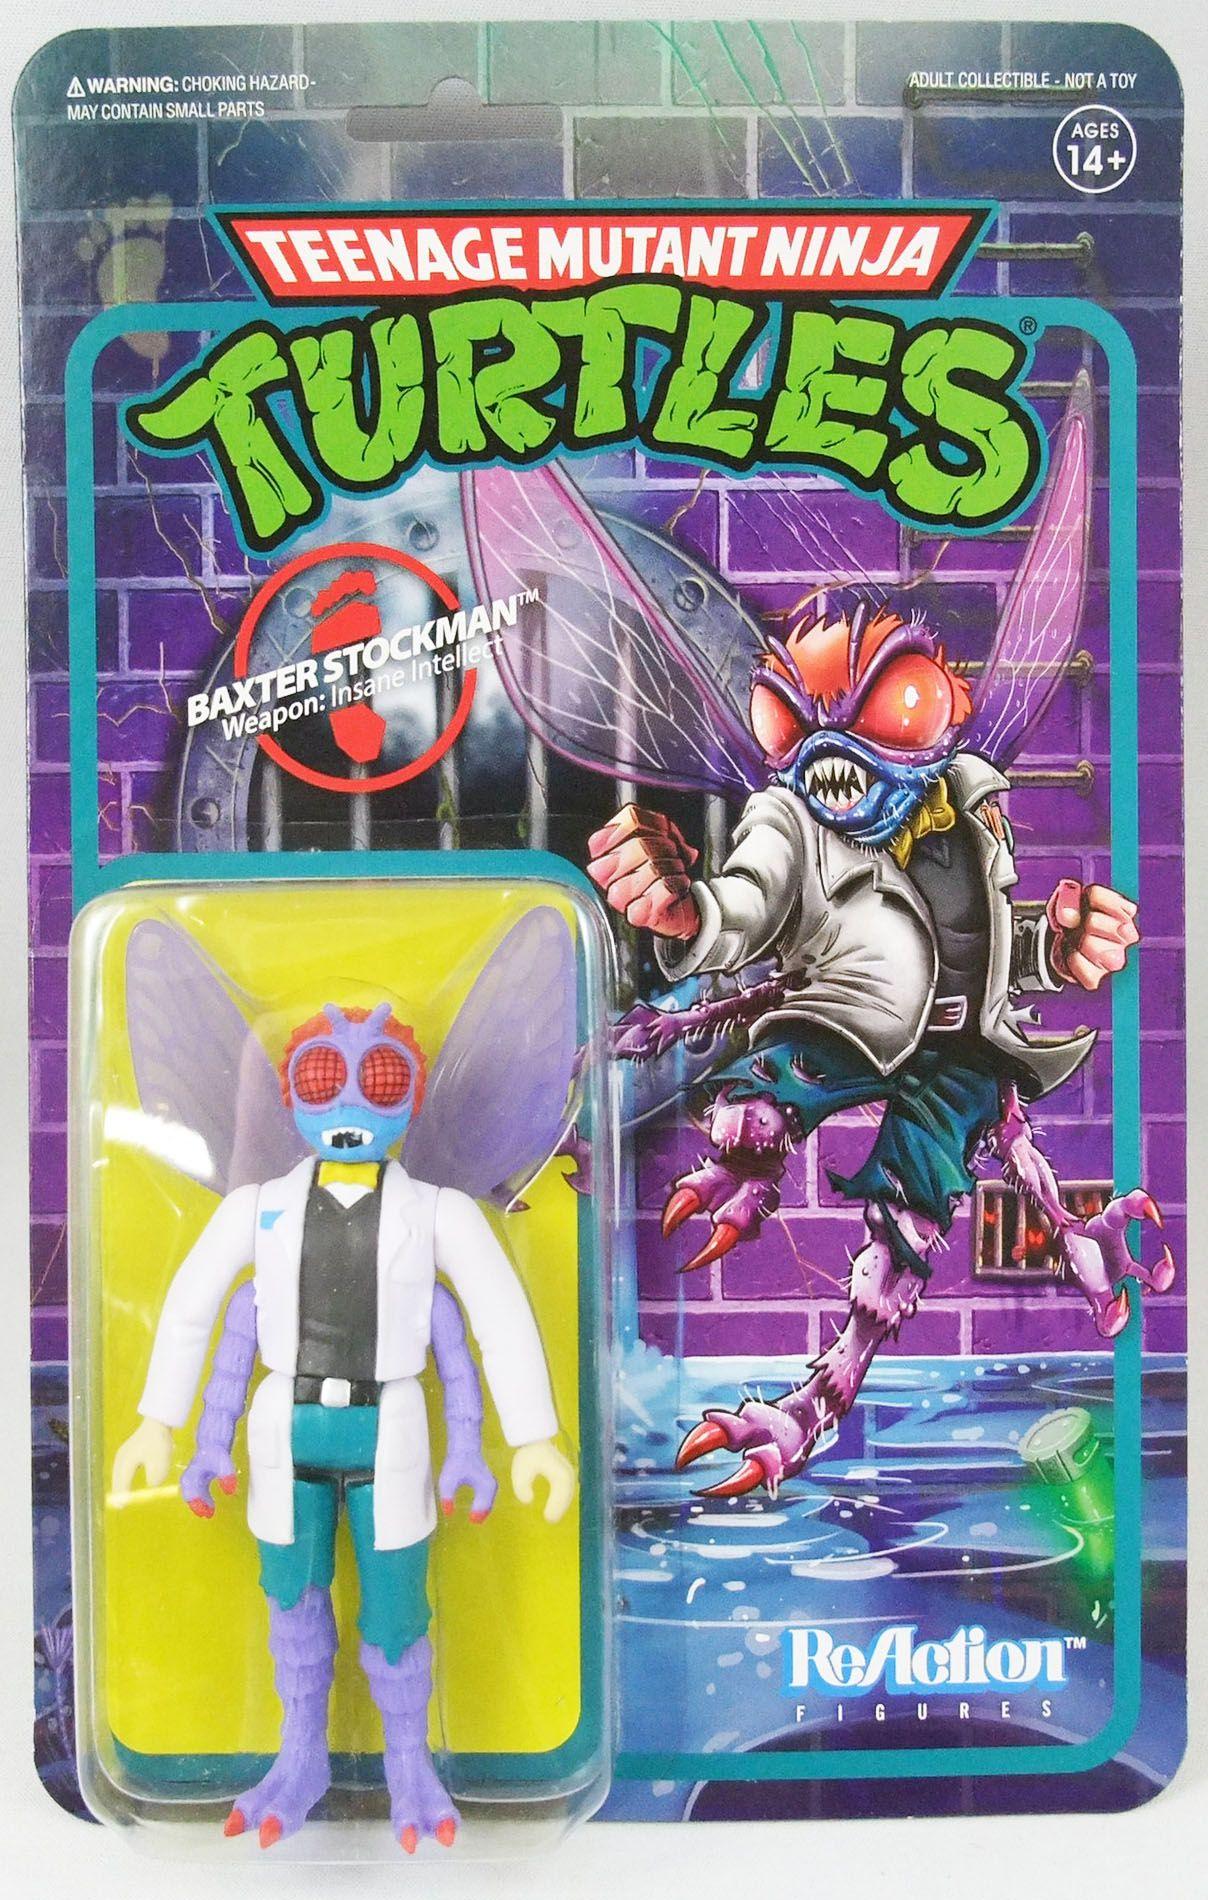 Teenage Mutant Ninja Turtles - Super7 ReAction Figures - Baxter Stockman